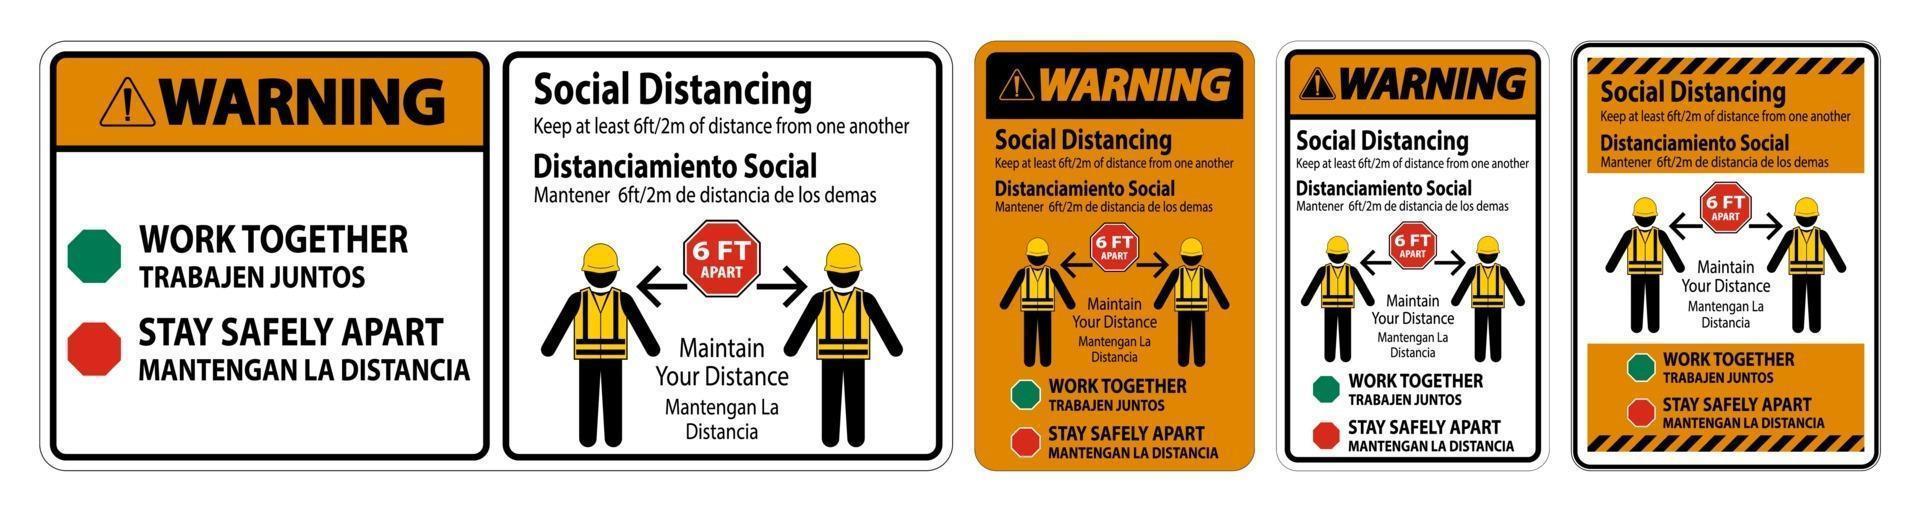 avviso bilingue costruzione di allontanamento sociale segno isolare su sfondo bianco vettore